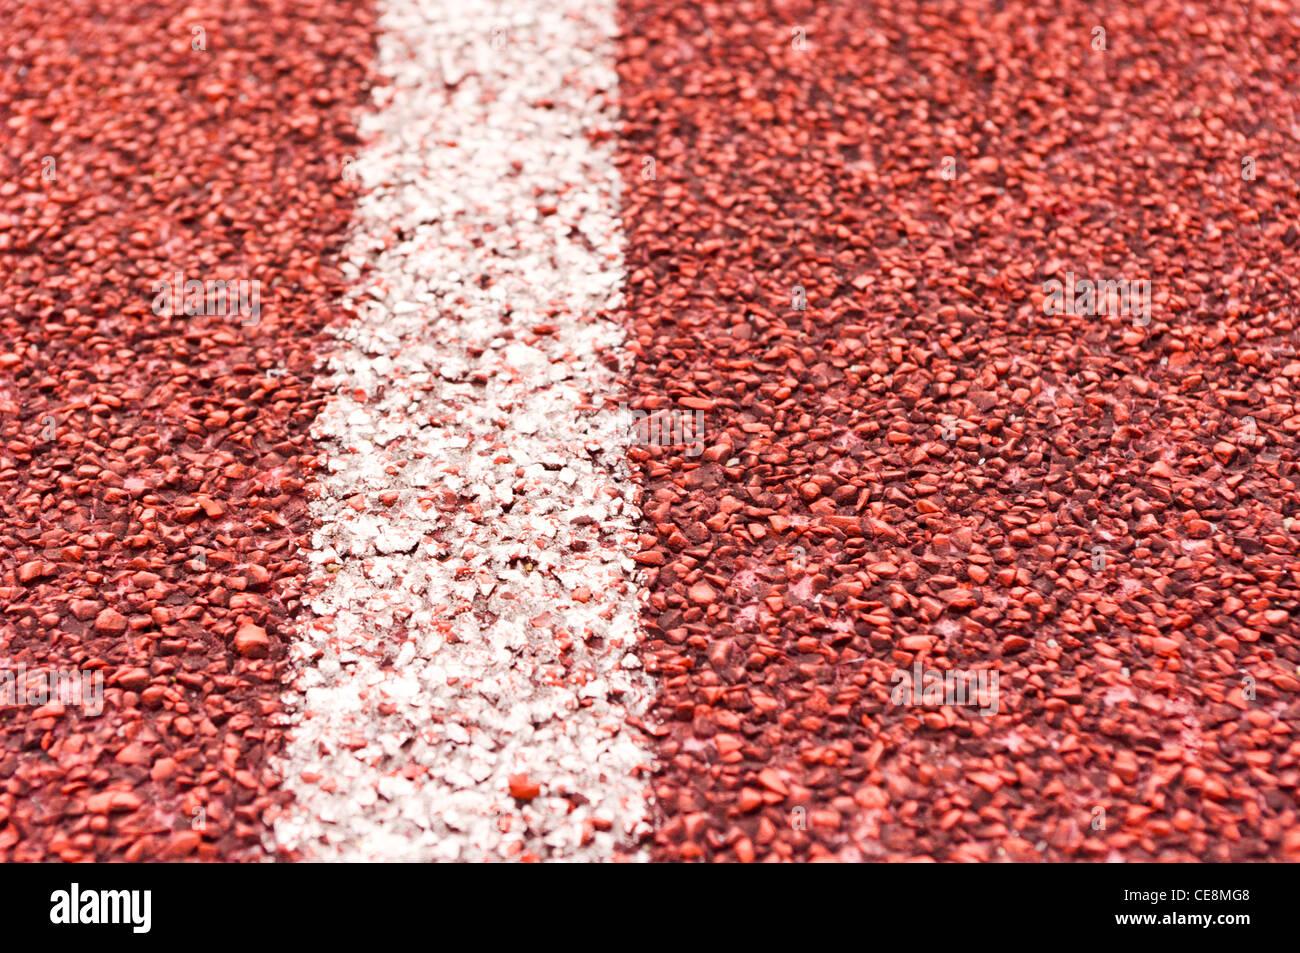 Más cerca de la línea blanca sobre rojo racetrack, deportes, concepto de fondo. Imagen De Stock